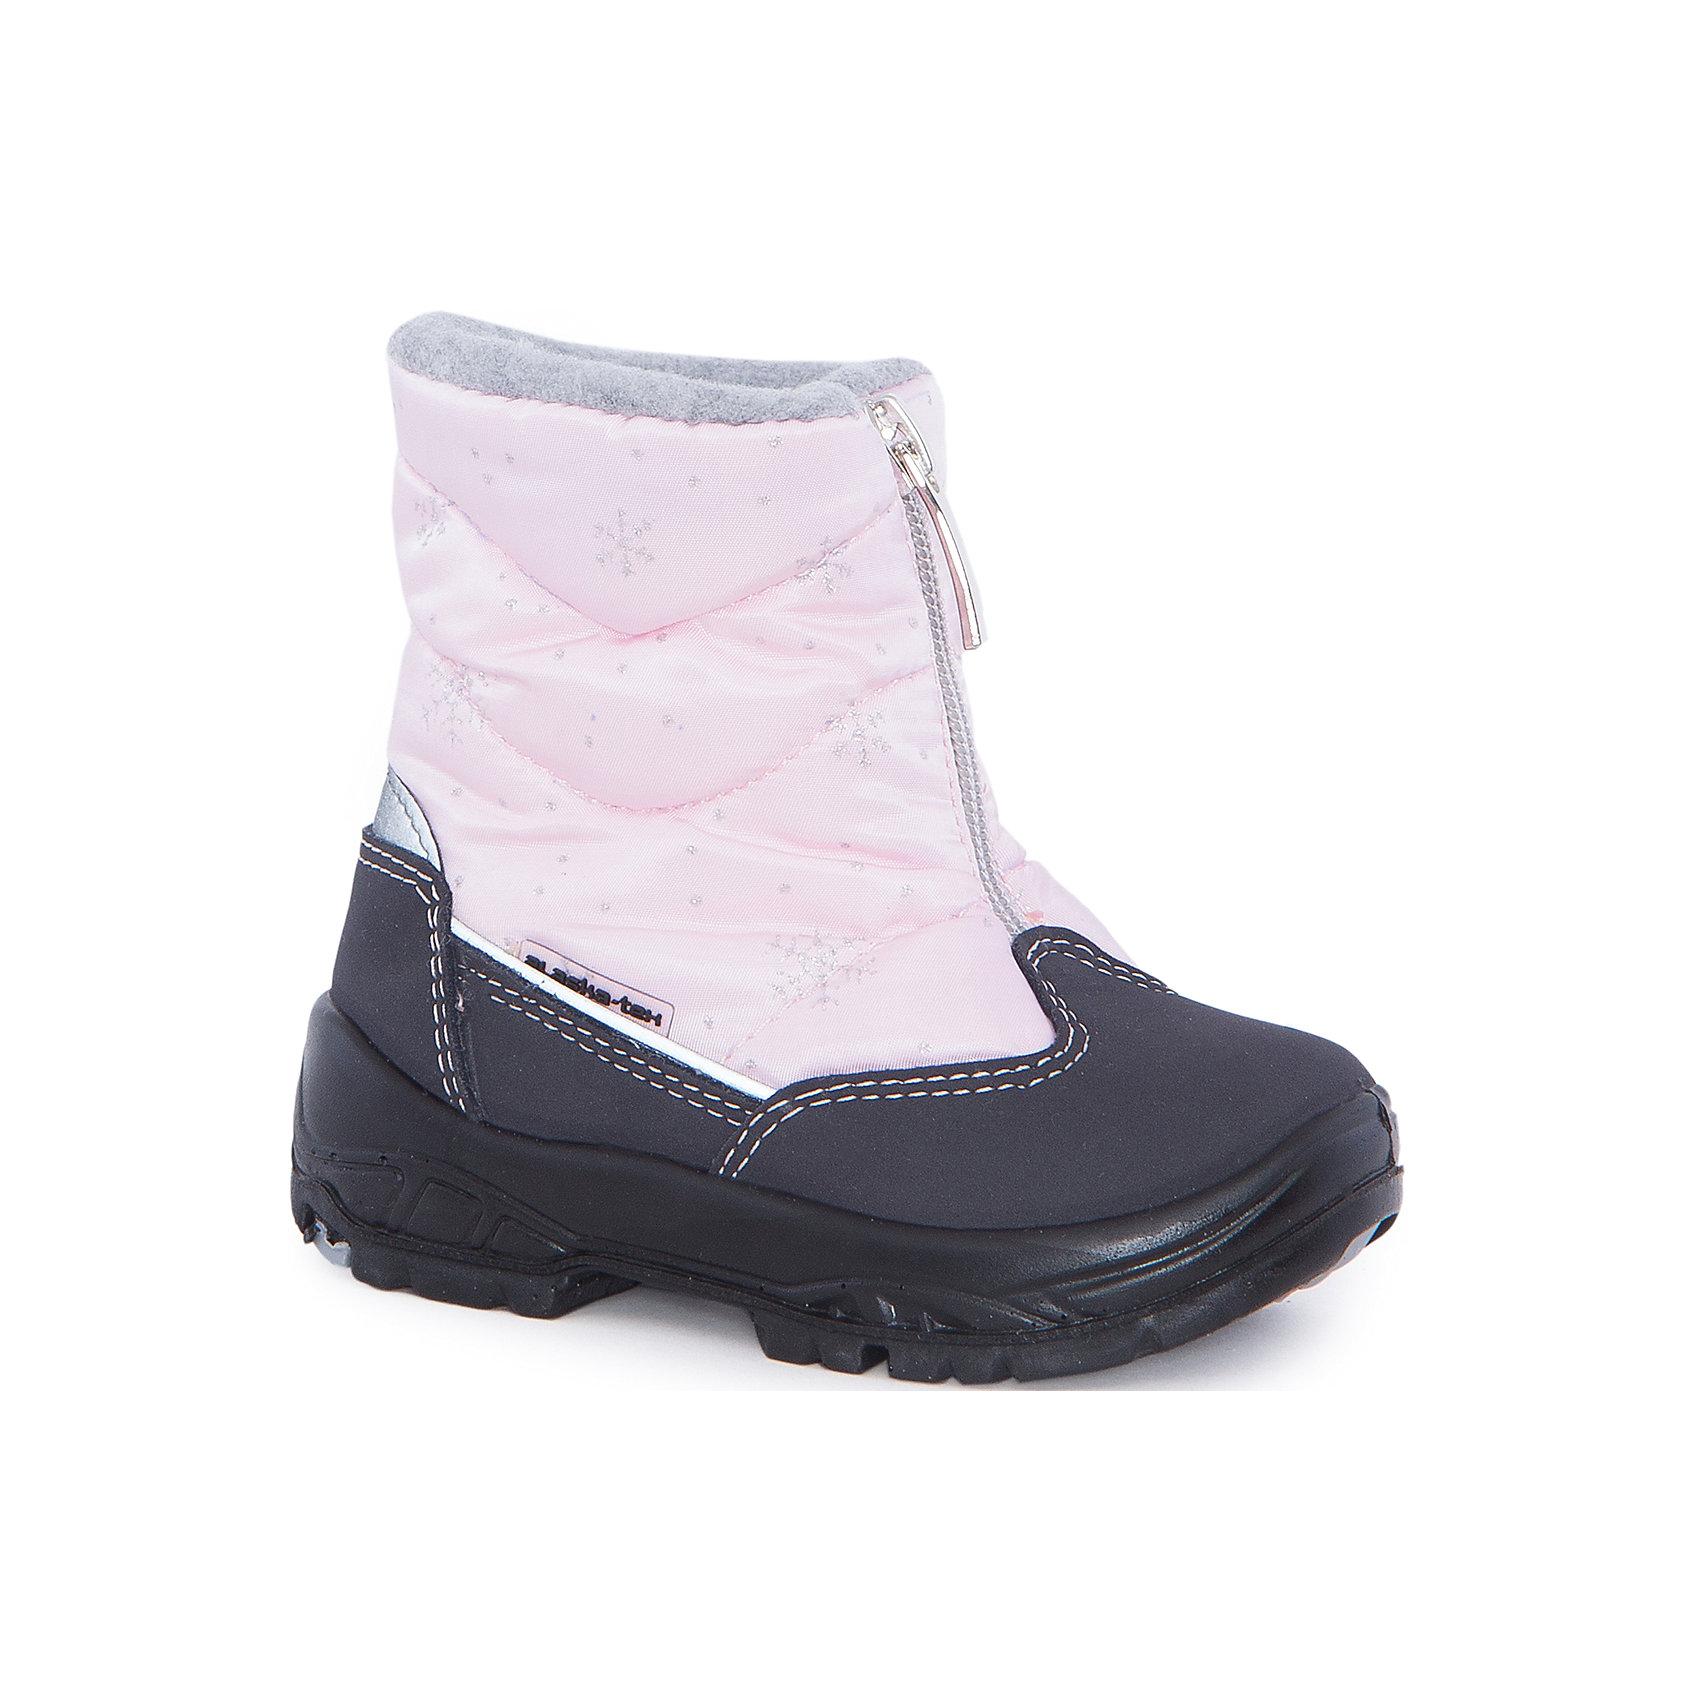 Сапоги  Alaska OriginaleДутики<br>Сапоги  Alaska Originale<br>Зимняя обувь с мембранным слоем для активных прогулок. Температурный режим от 0 до -25С.<br>Состав: Верх:54%ПЭ;46%ПА ; Подкладка:100%овечья шерсть Подошва:Полиуретан+Термополиуретан<br><br>Ширина мм: 257<br>Глубина мм: 180<br>Высота мм: 130<br>Вес г: 420<br>Цвет: розовый<br>Возраст от месяцев: 15<br>Возраст до месяцев: 18<br>Пол: Женский<br>Возраст: Детский<br>Размер: 22,26,25,24,23<br>SKU: 5134302